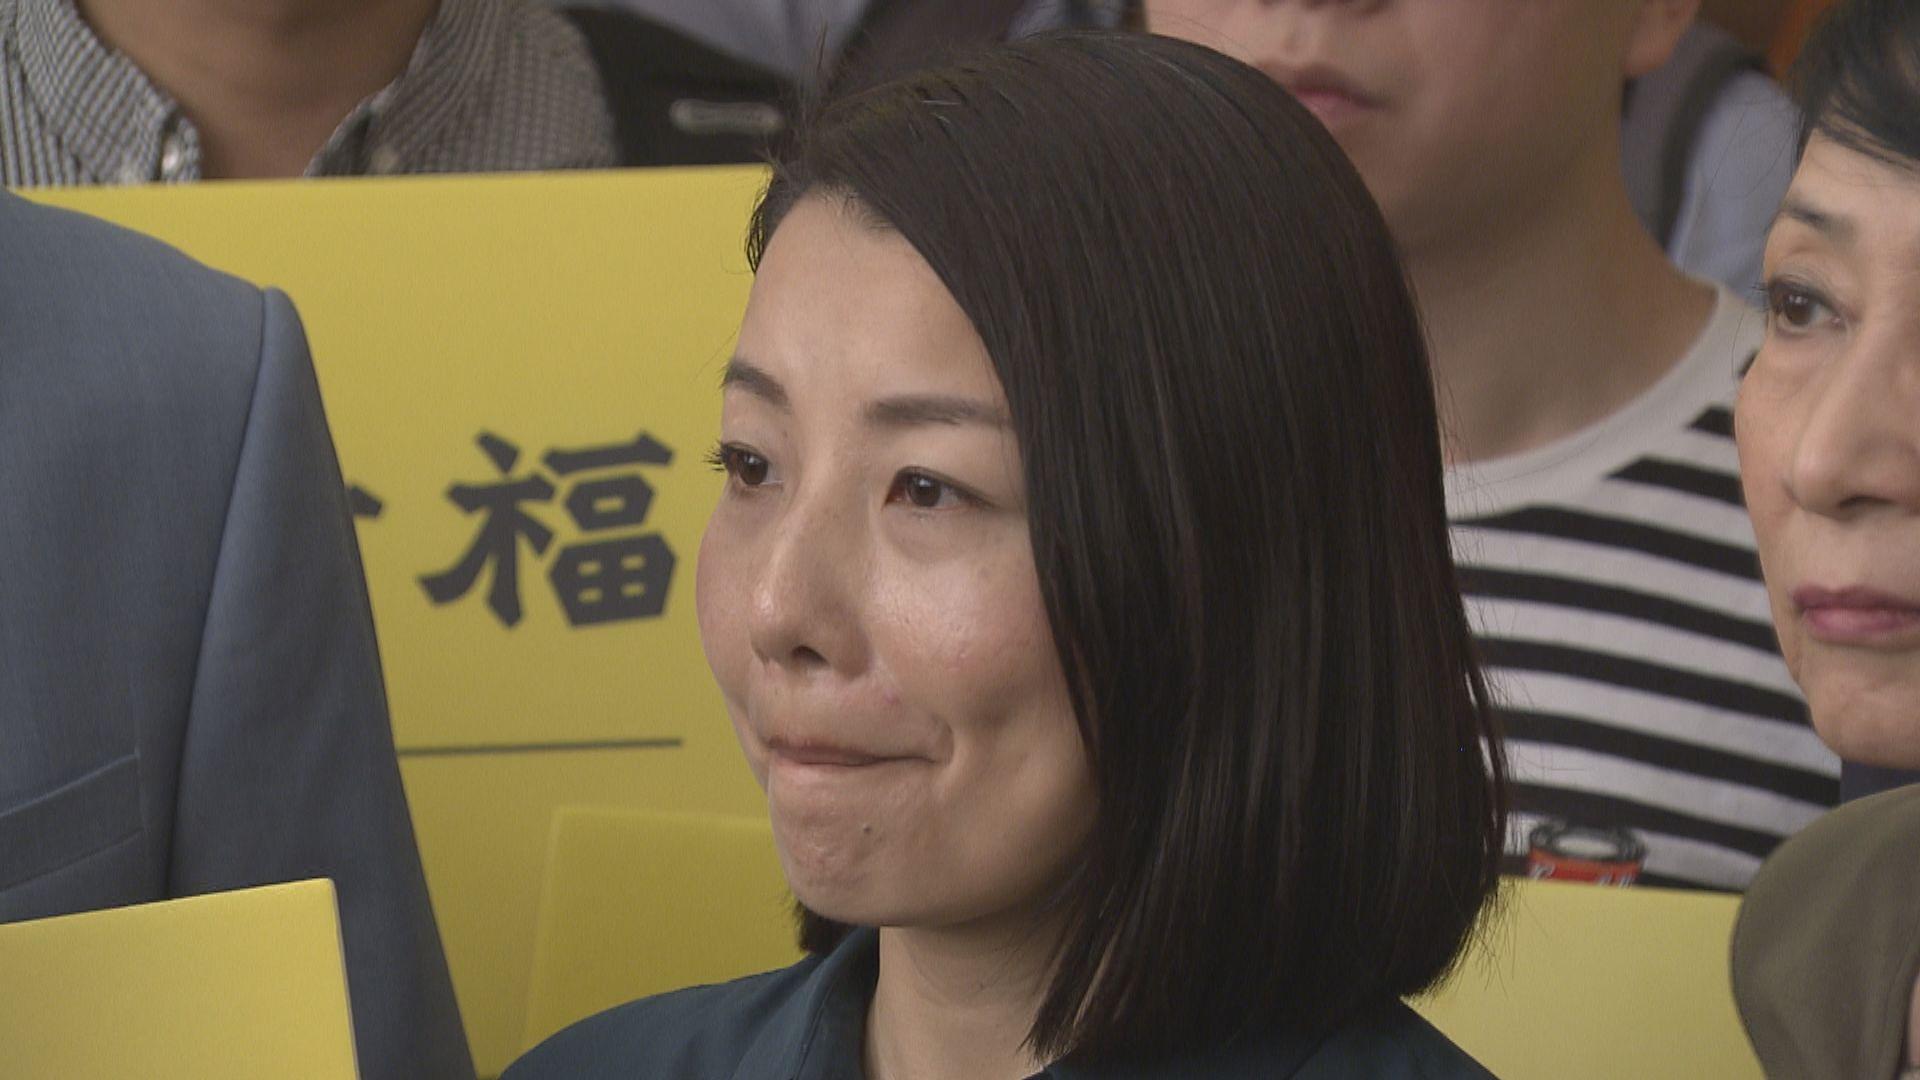 據報道劉小麗曾簽聲明指港獨是自決選項